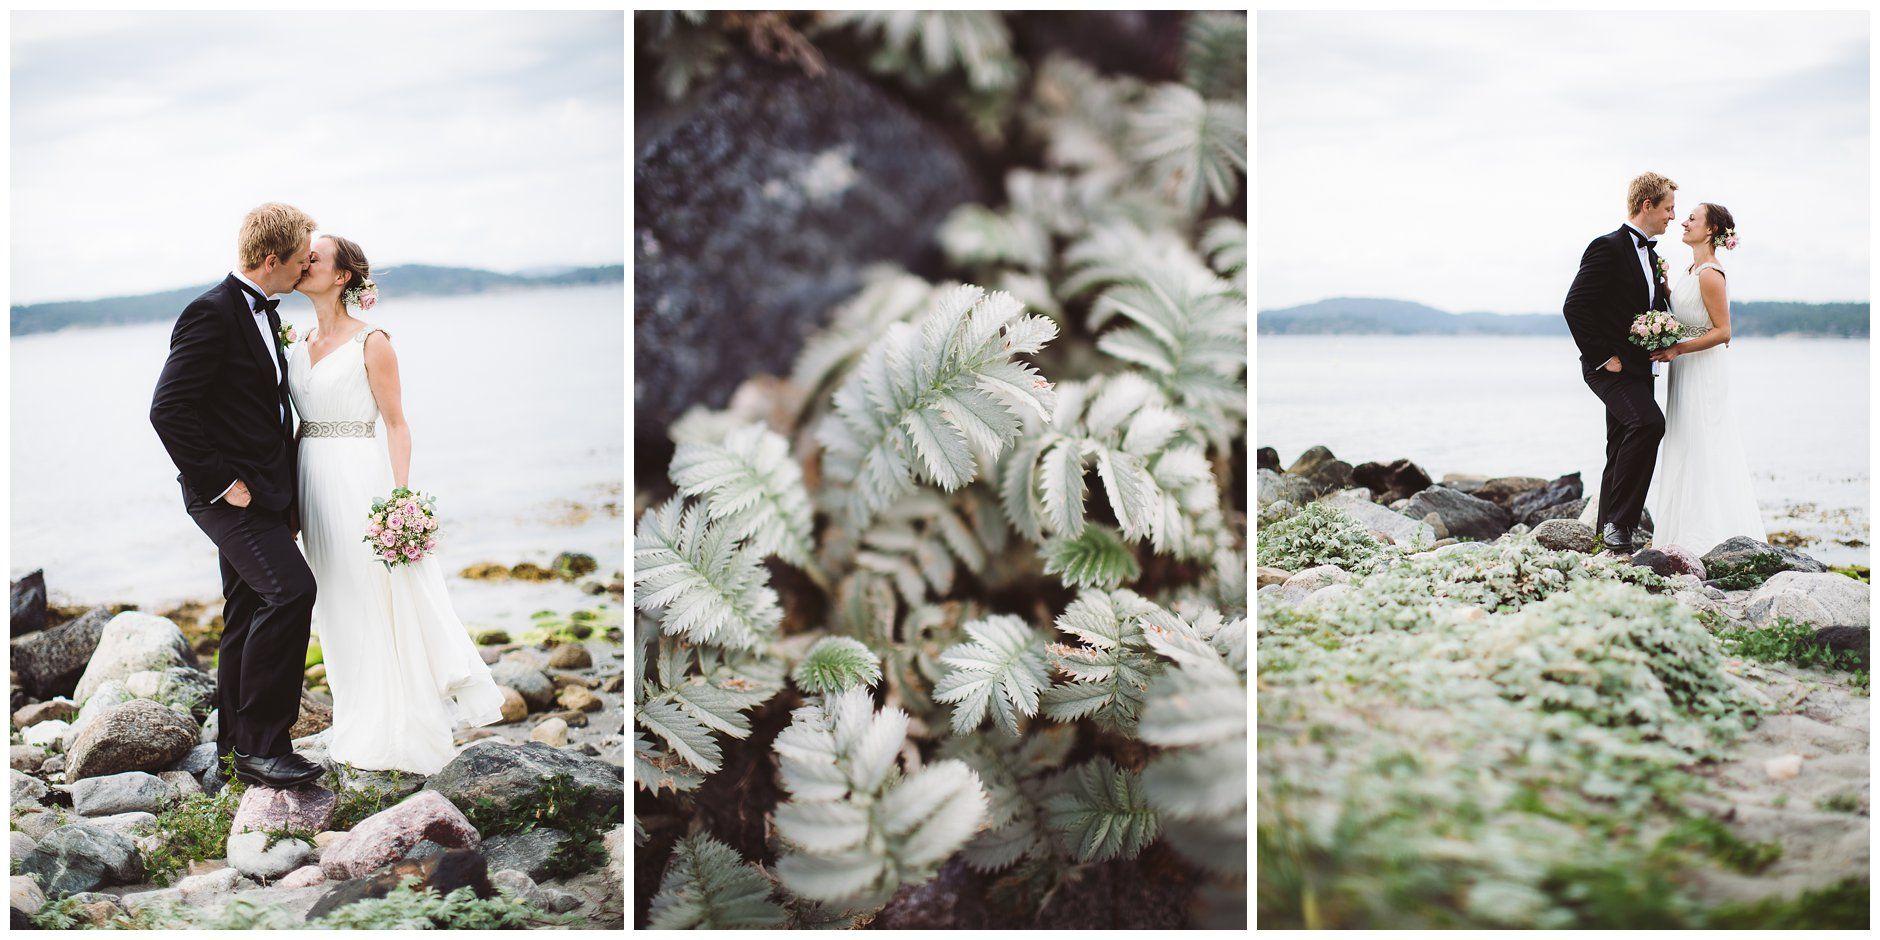 Costal wedding at Jomfruland, Kragerø // Bryllup ved havet på Jomfruland utenfor Kragerø